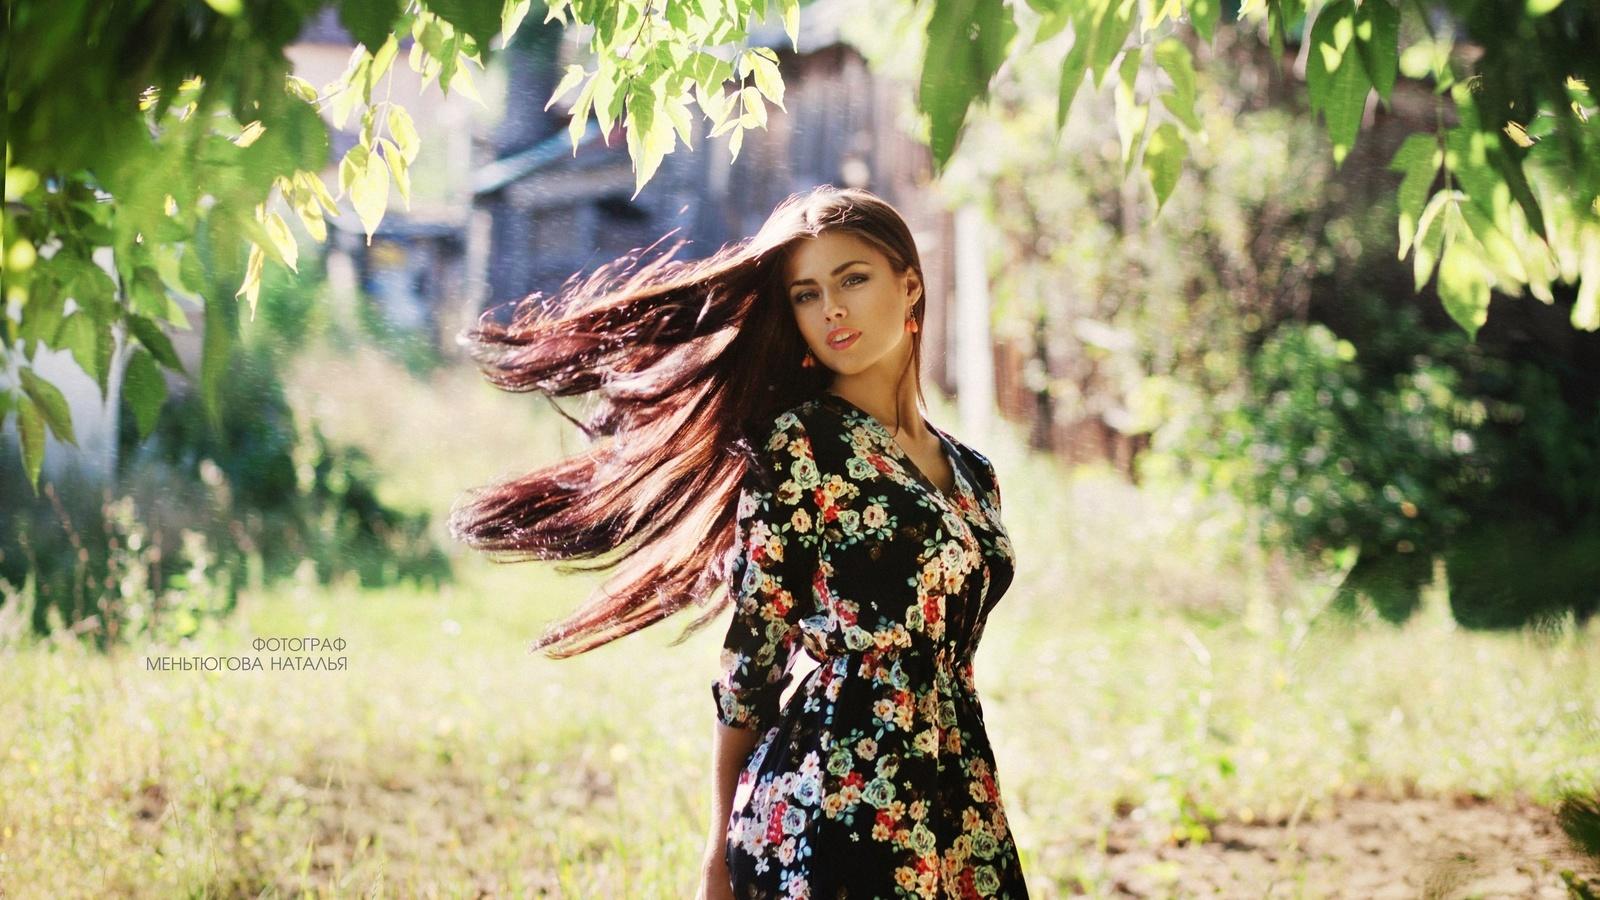 девушка, длинные волосы, на природе, фотограф, наталья меньтюгова